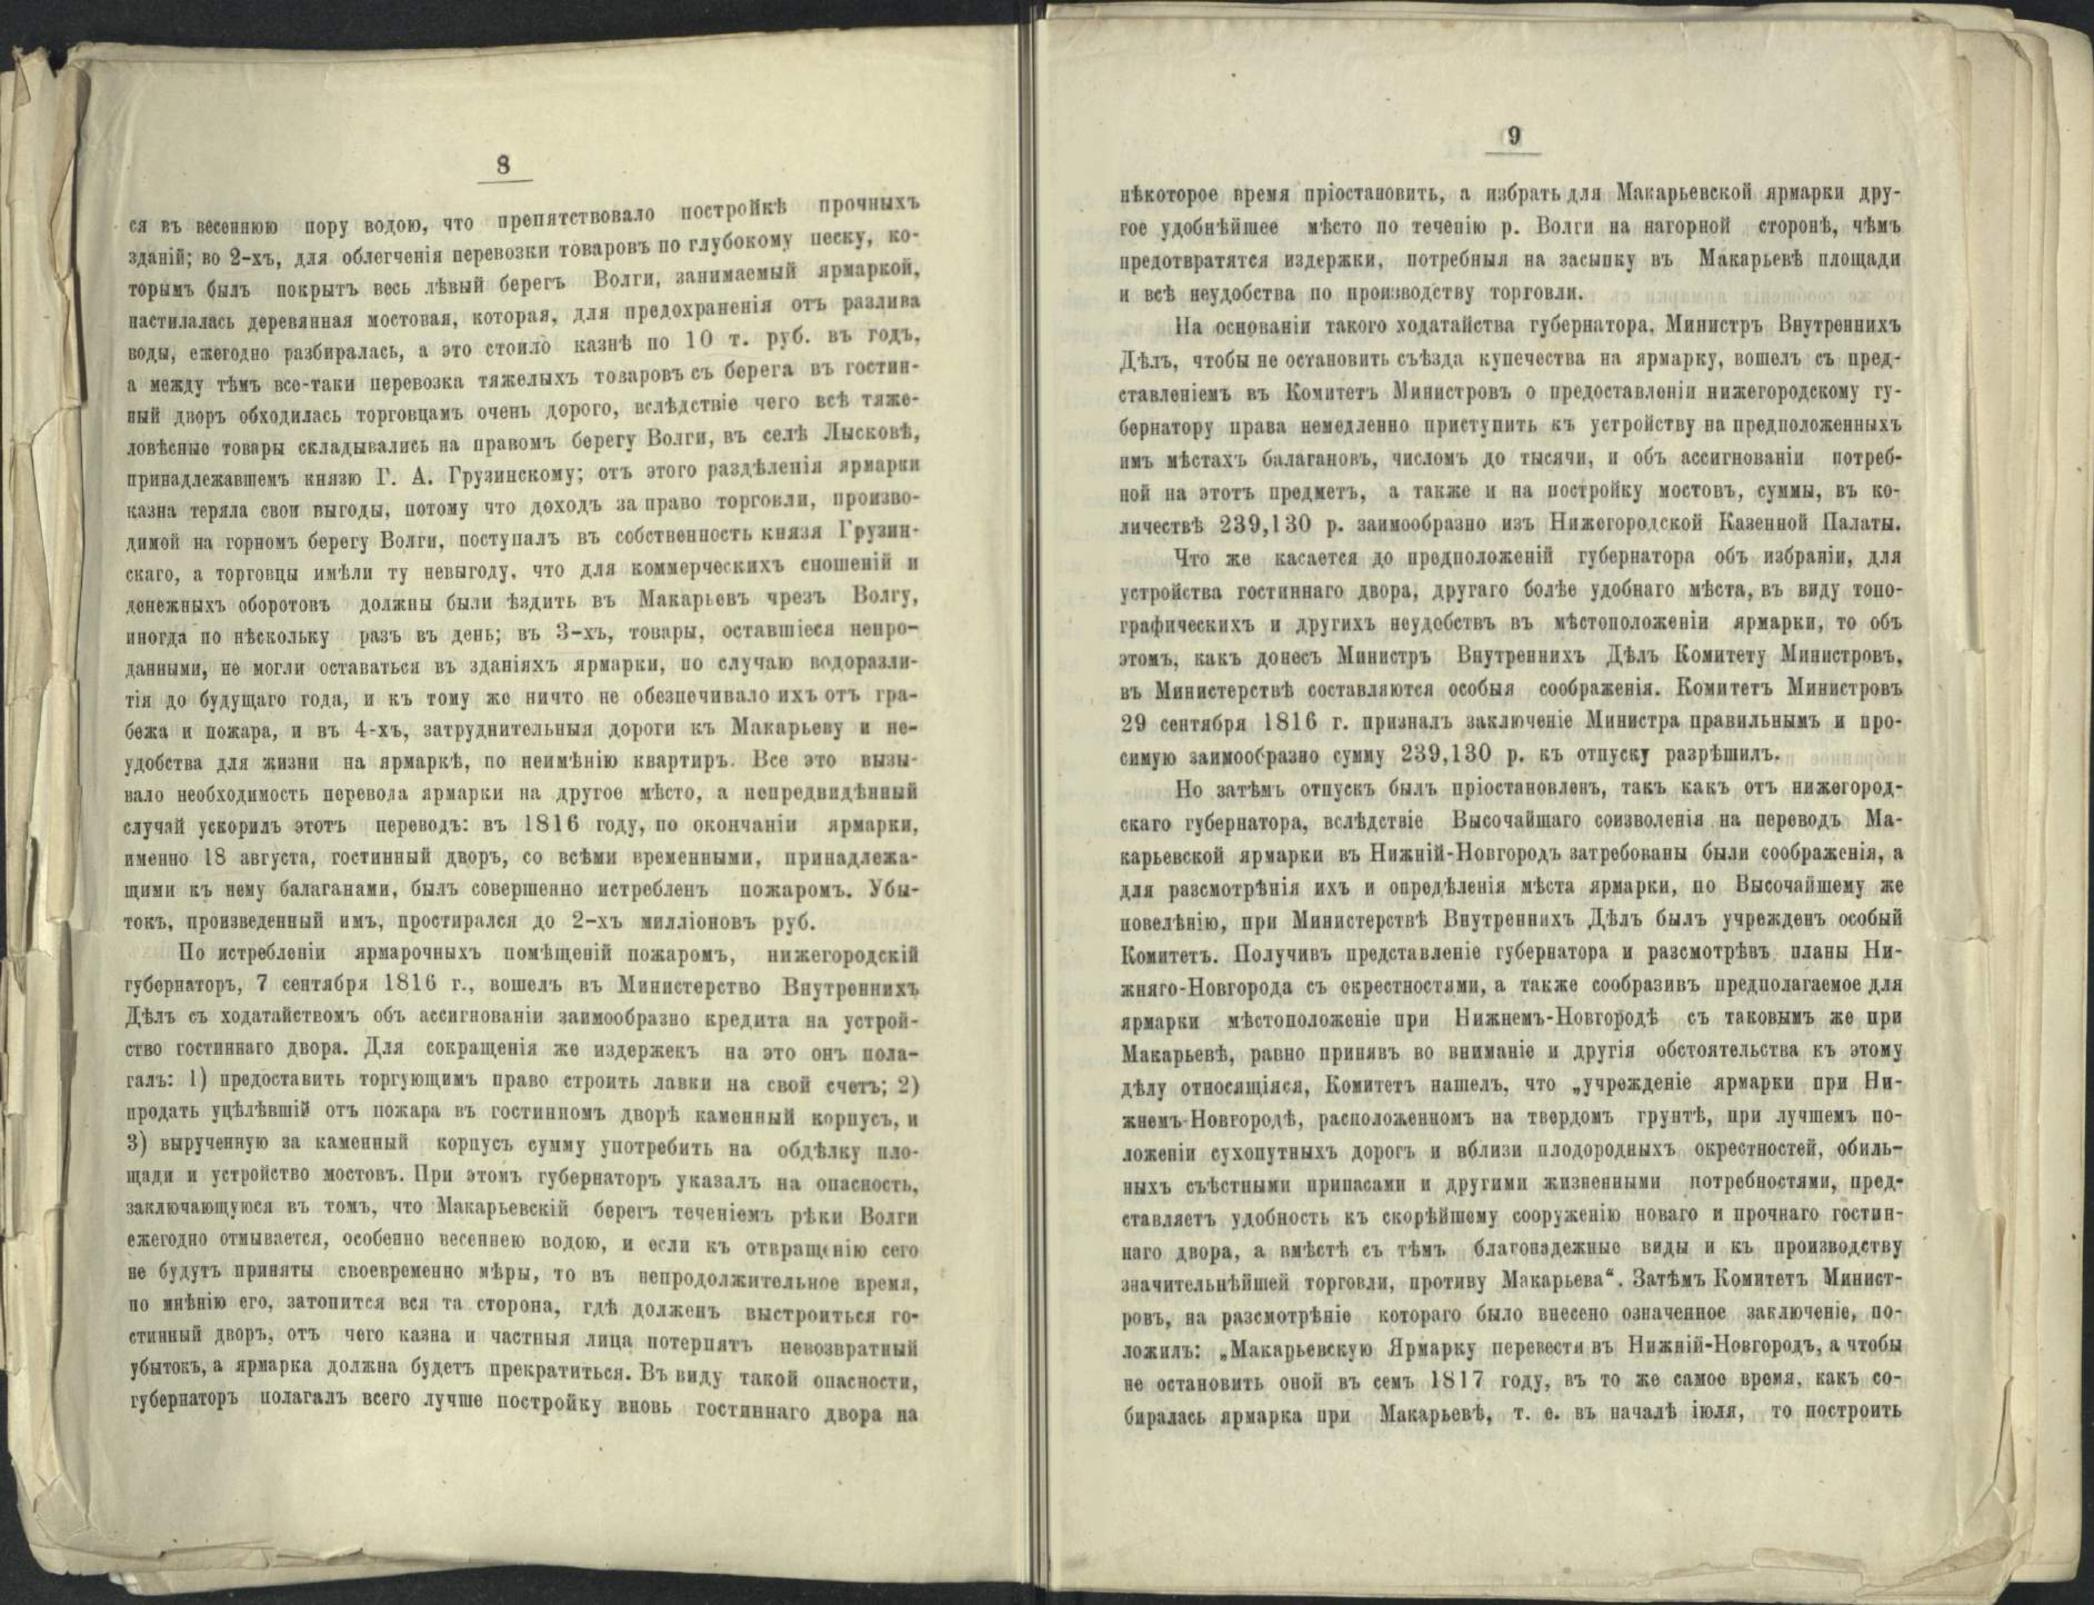 Мерамед Москва Якиманка медицинская книжка